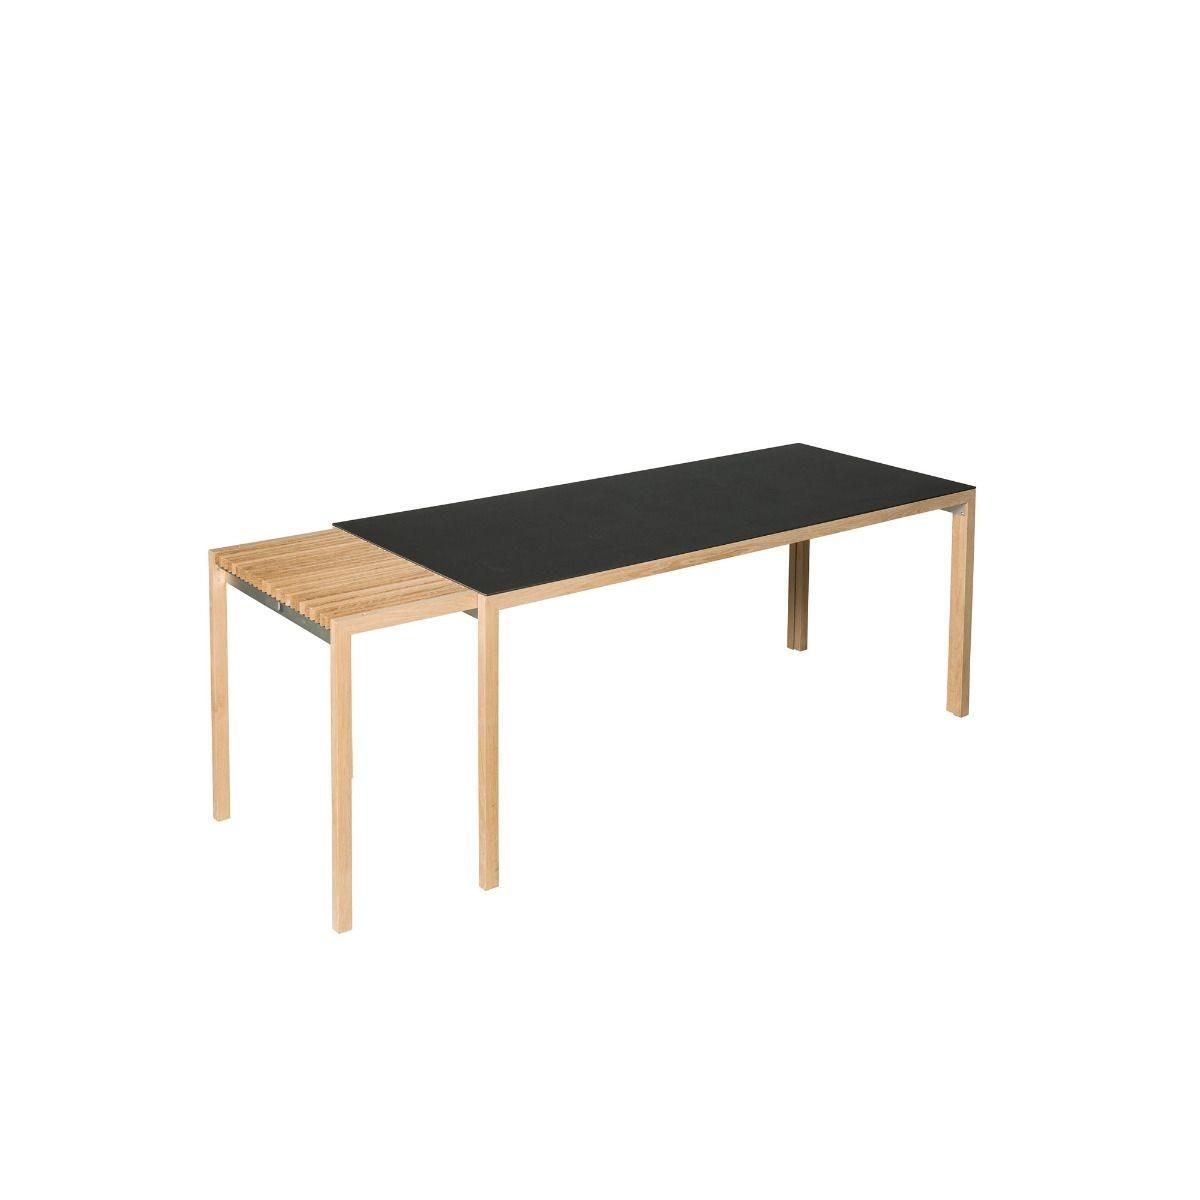 519 Auszieh-Tisch 192-264 cm 01